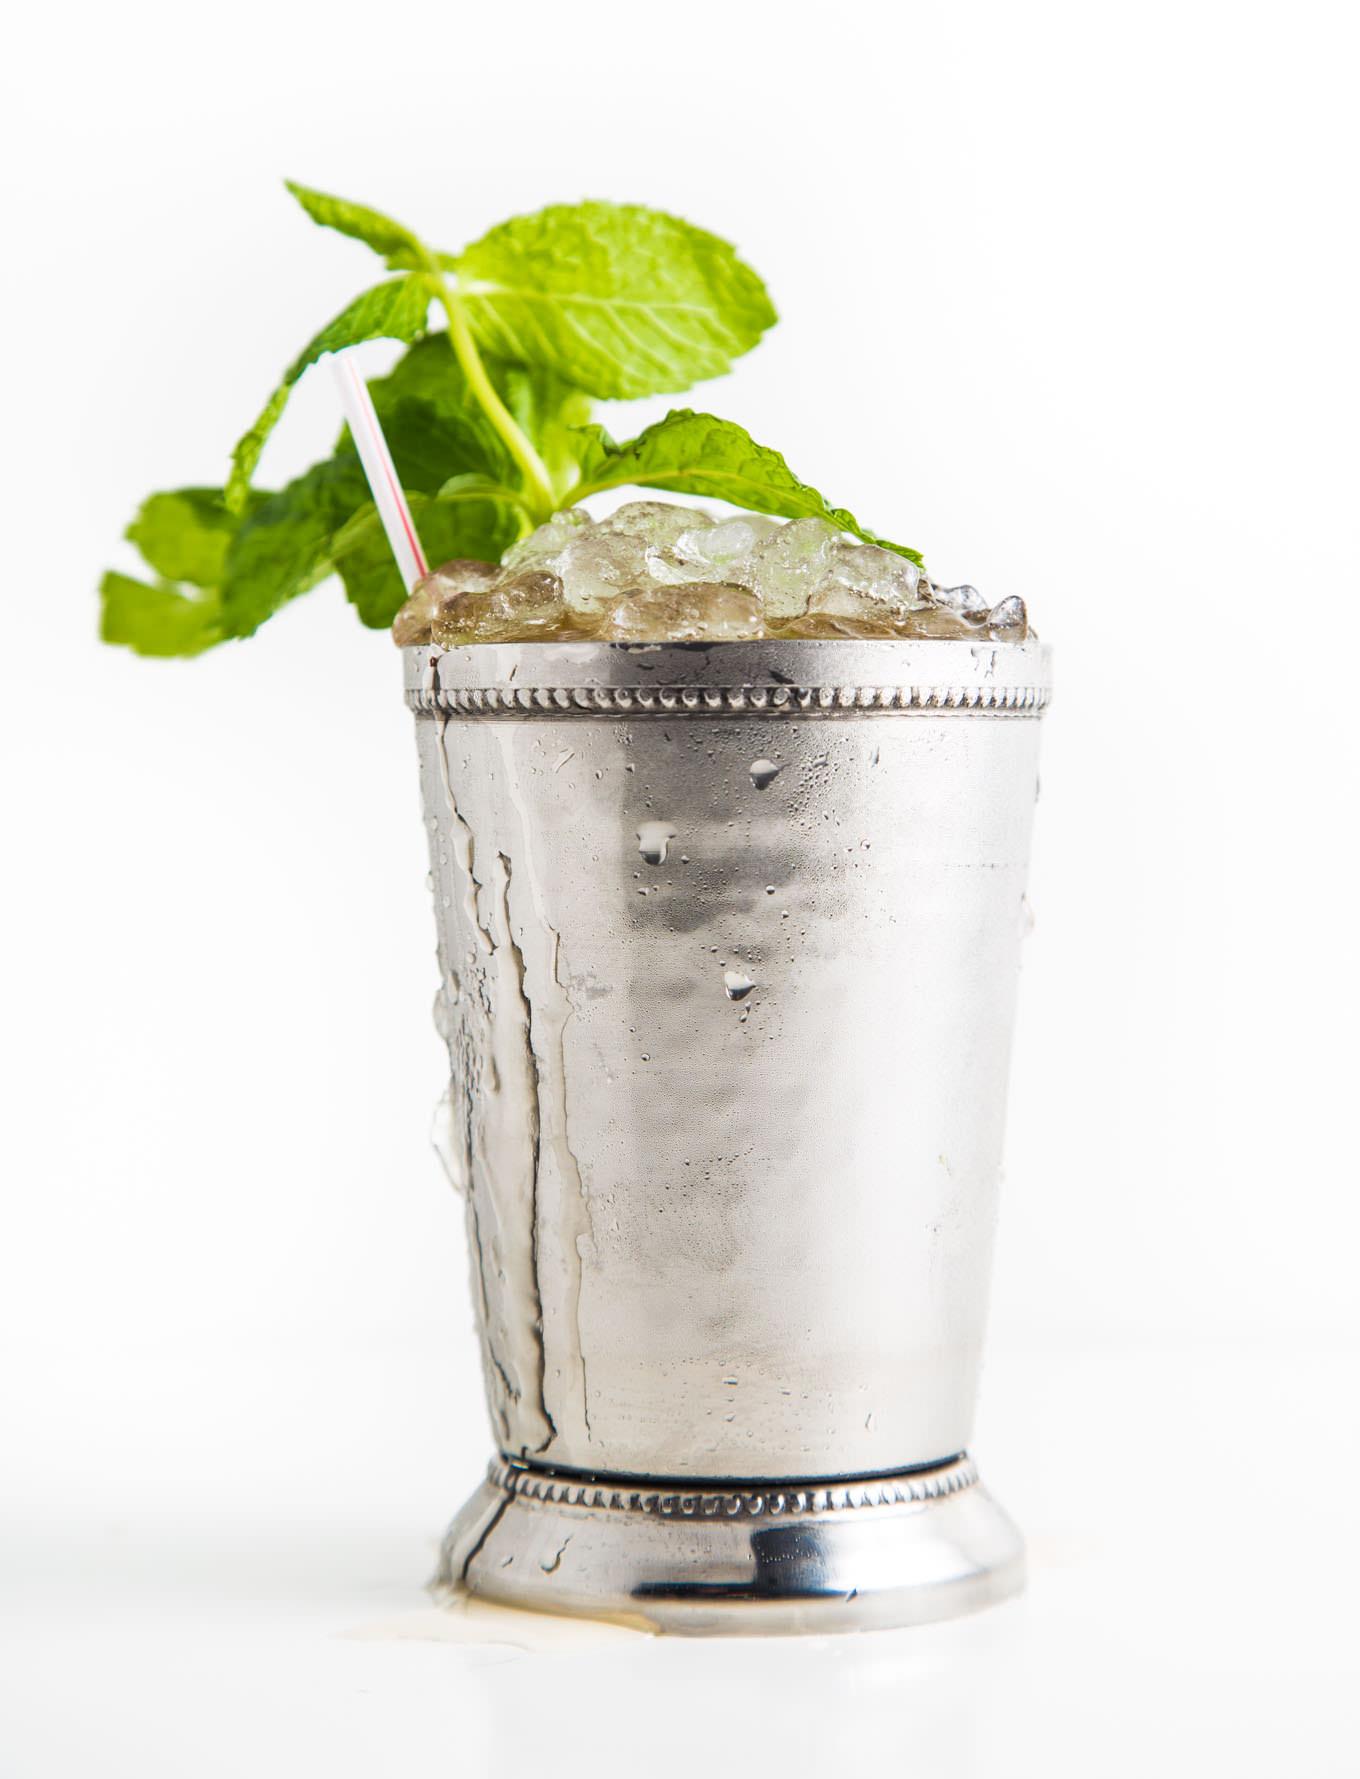 Julep Week: Classic Southern Mint Julep | Southern FATTY